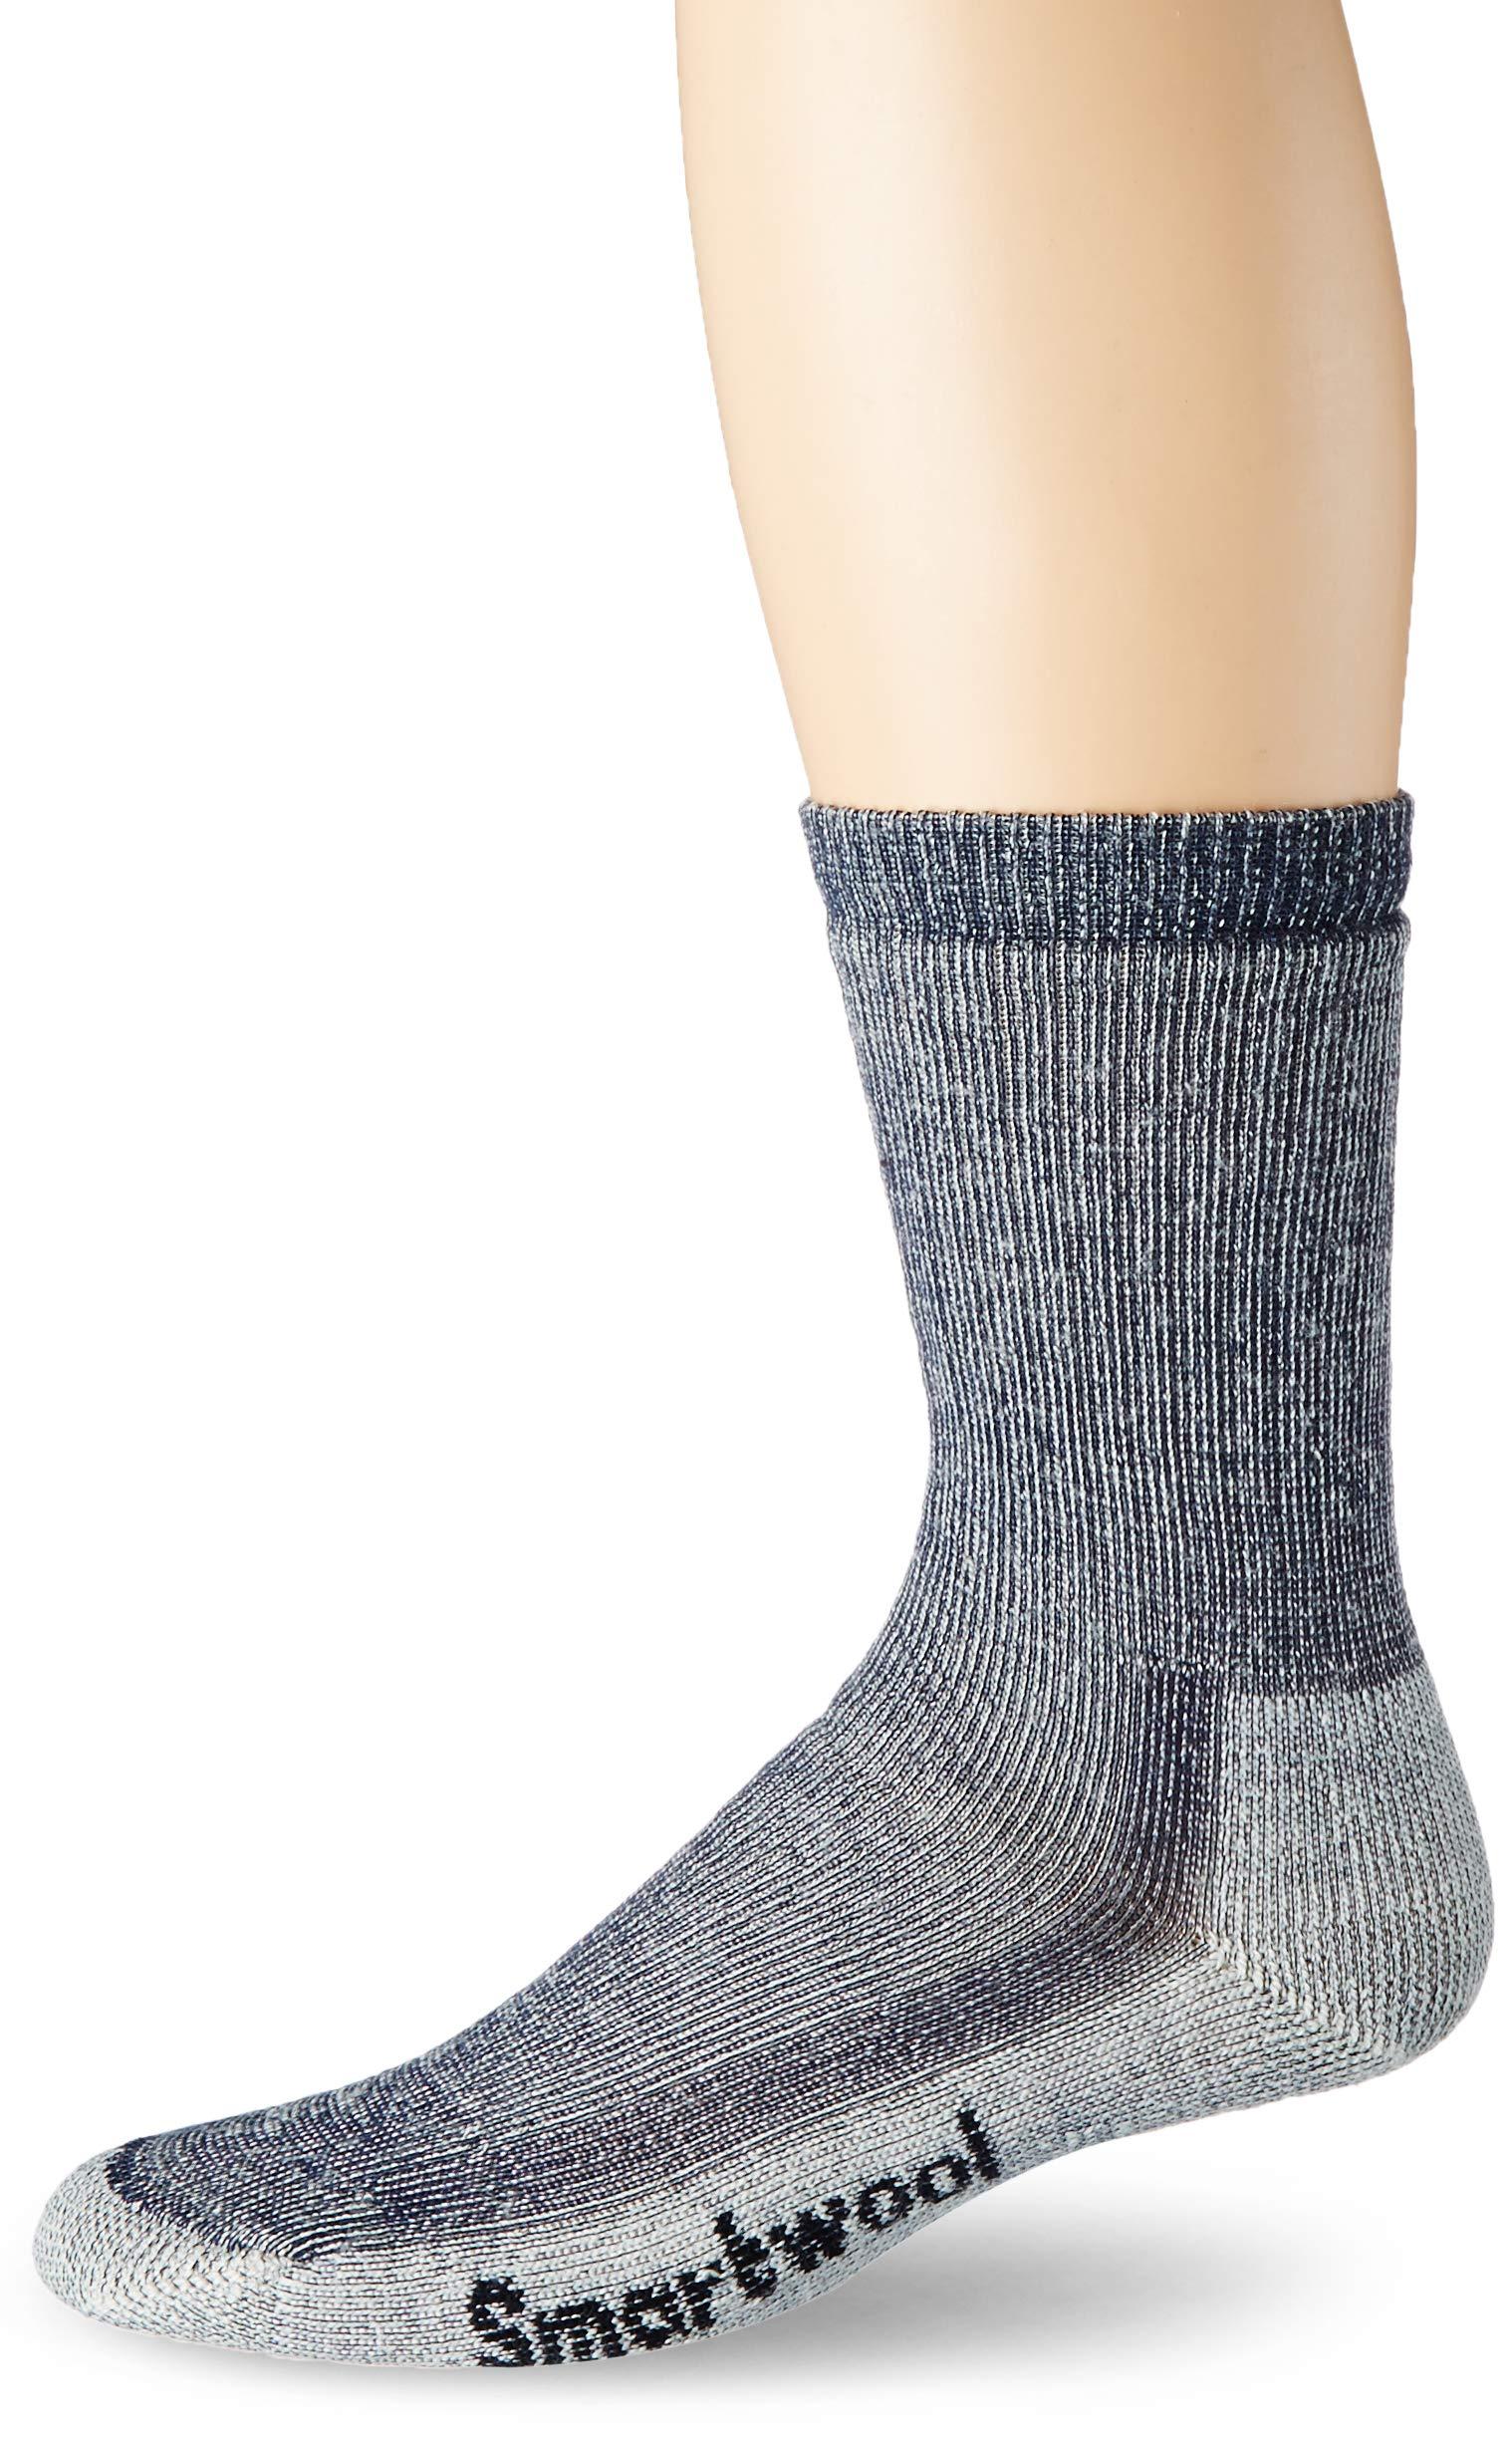 81Tr3LzSlVL - Smartwool Adult Hike Medium Crew Socks